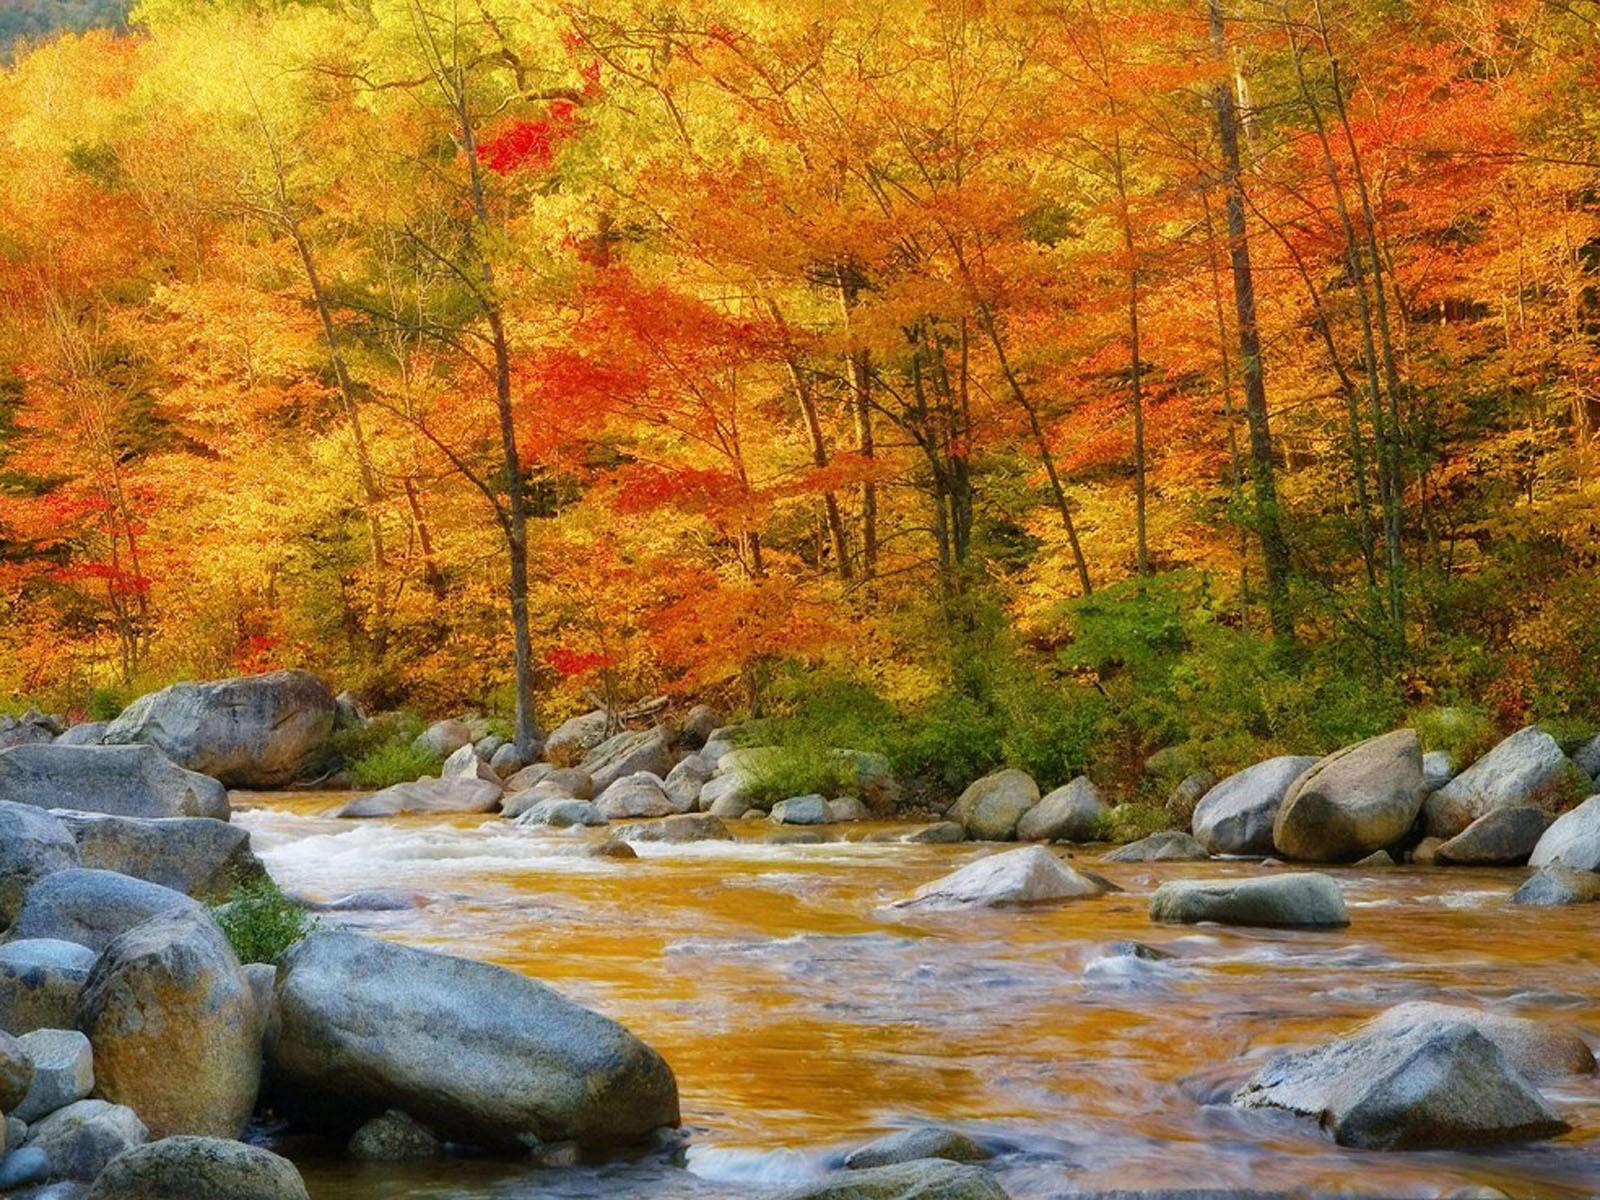 Nature world Wallpapers New Santa Banta 1600x1200